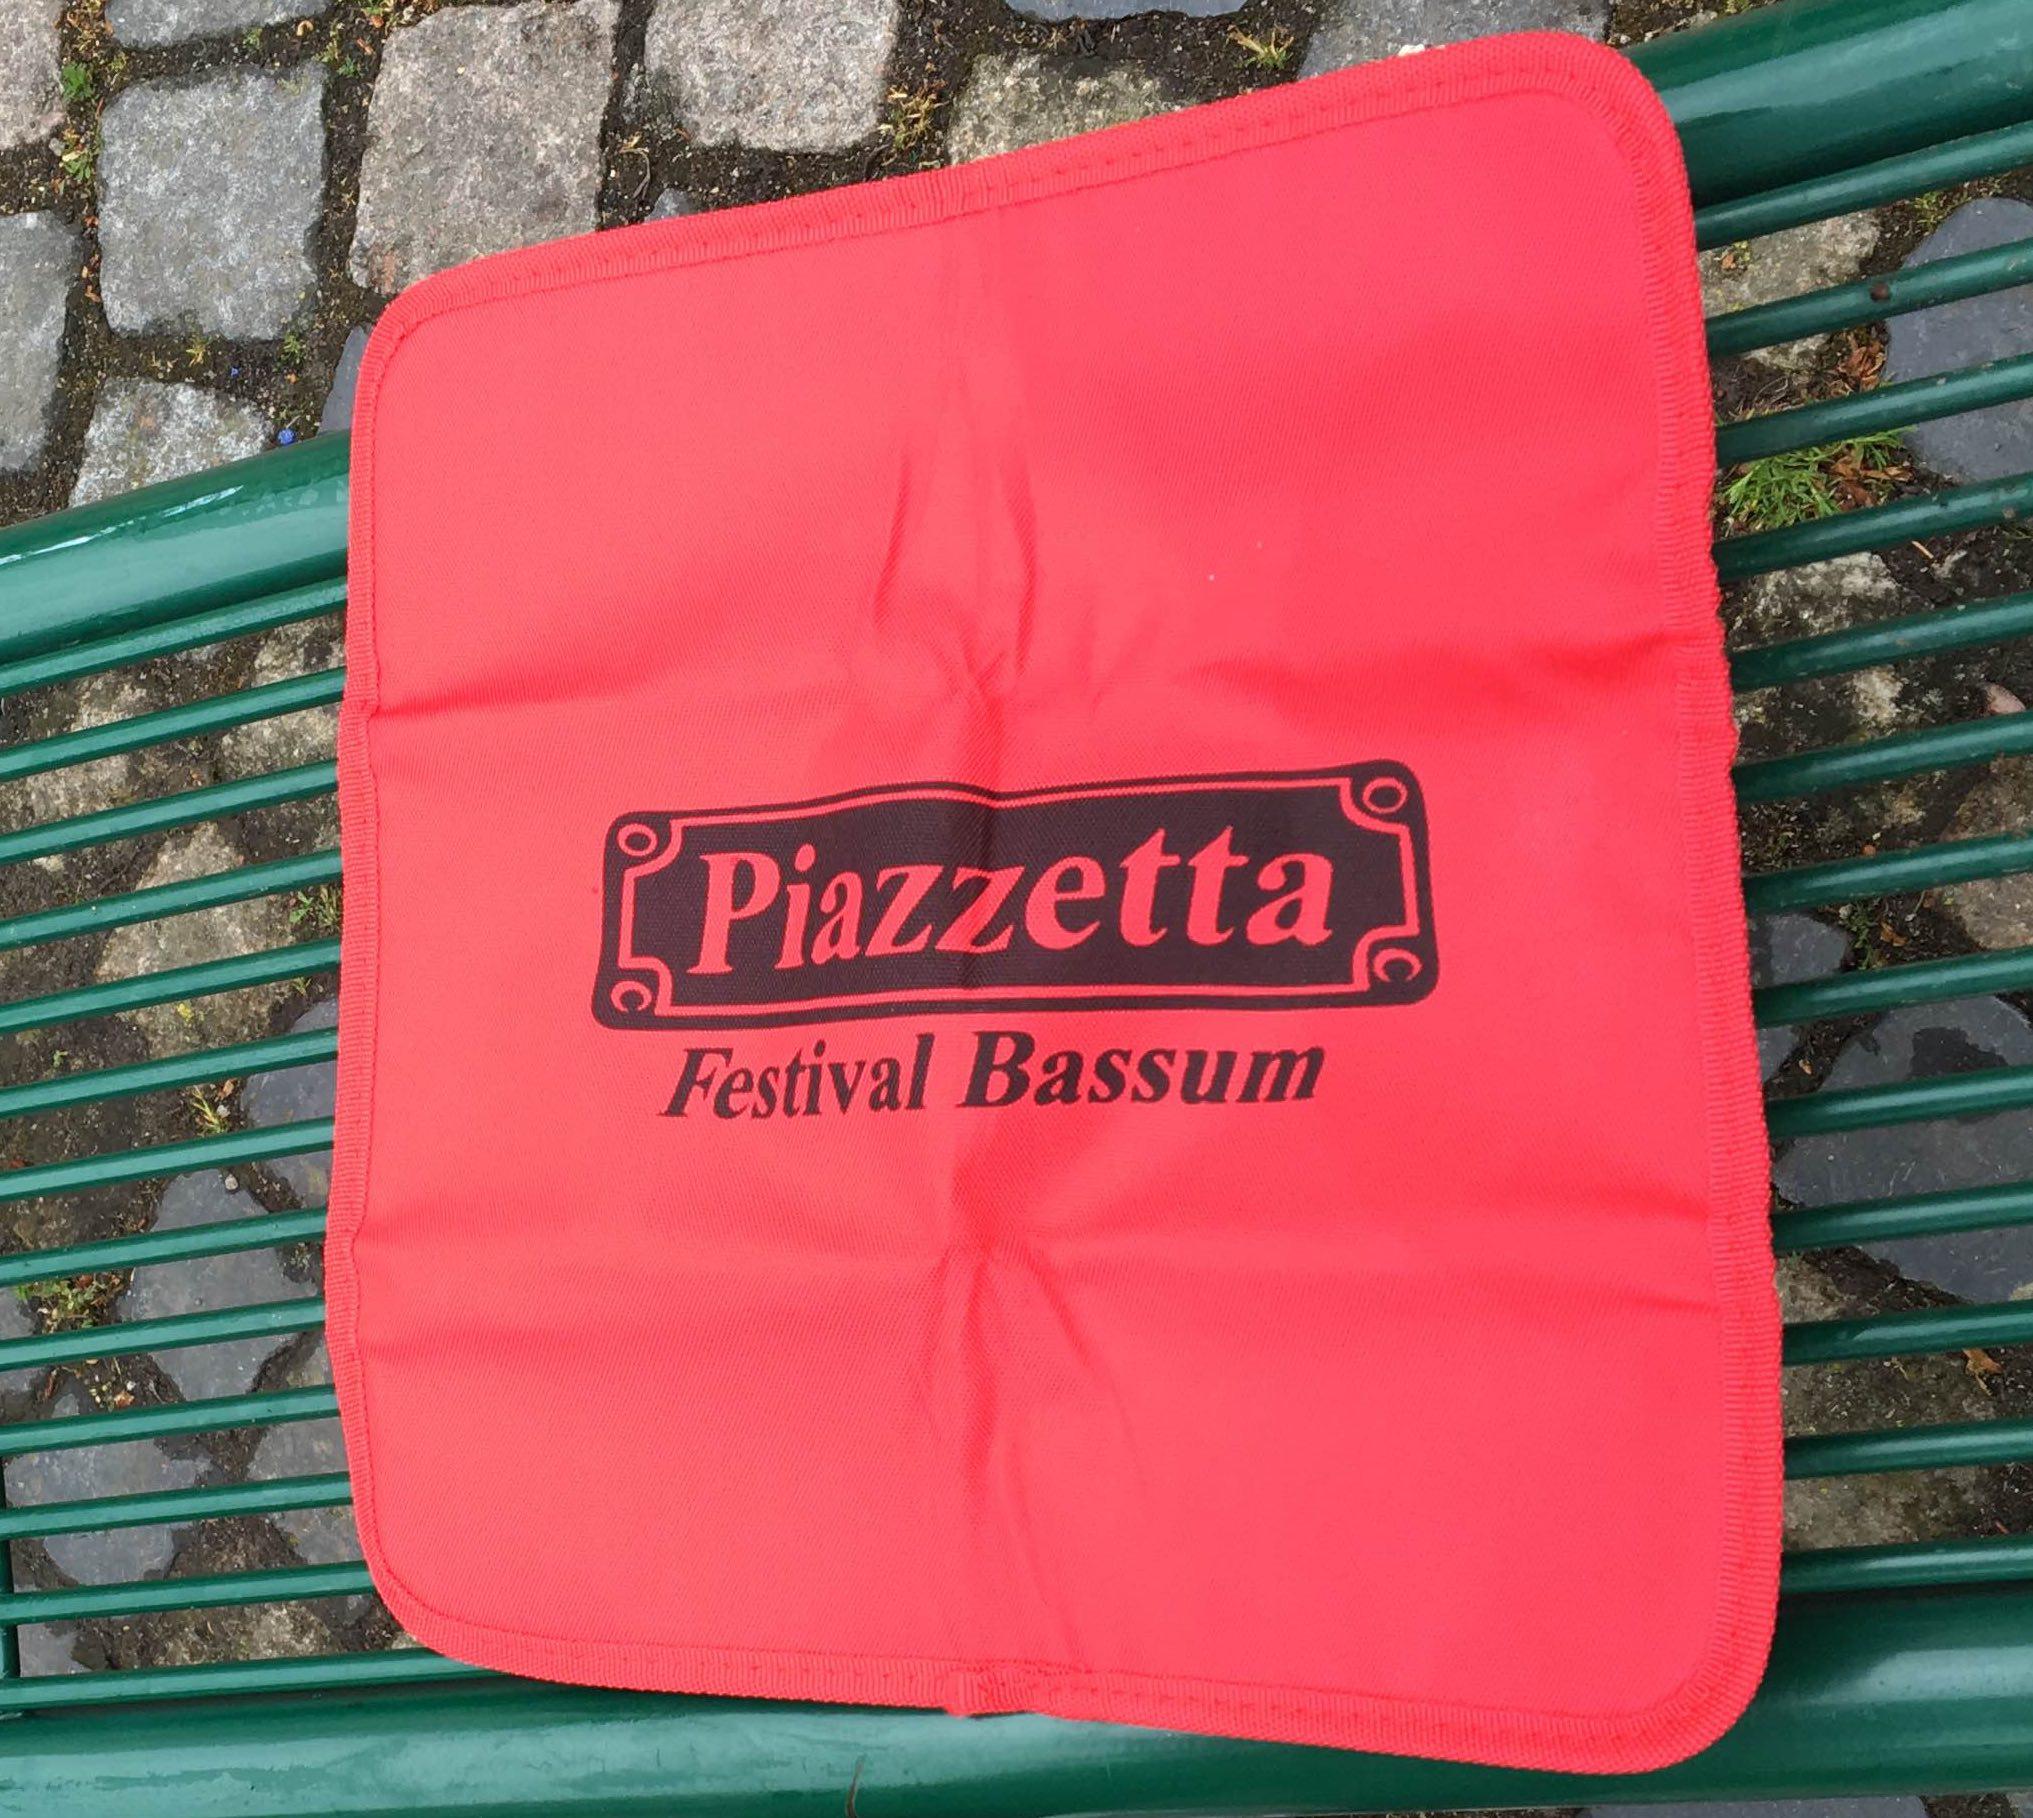 BizTune fertigt Merchandise Sitzkissen für Piazzetta Bassum